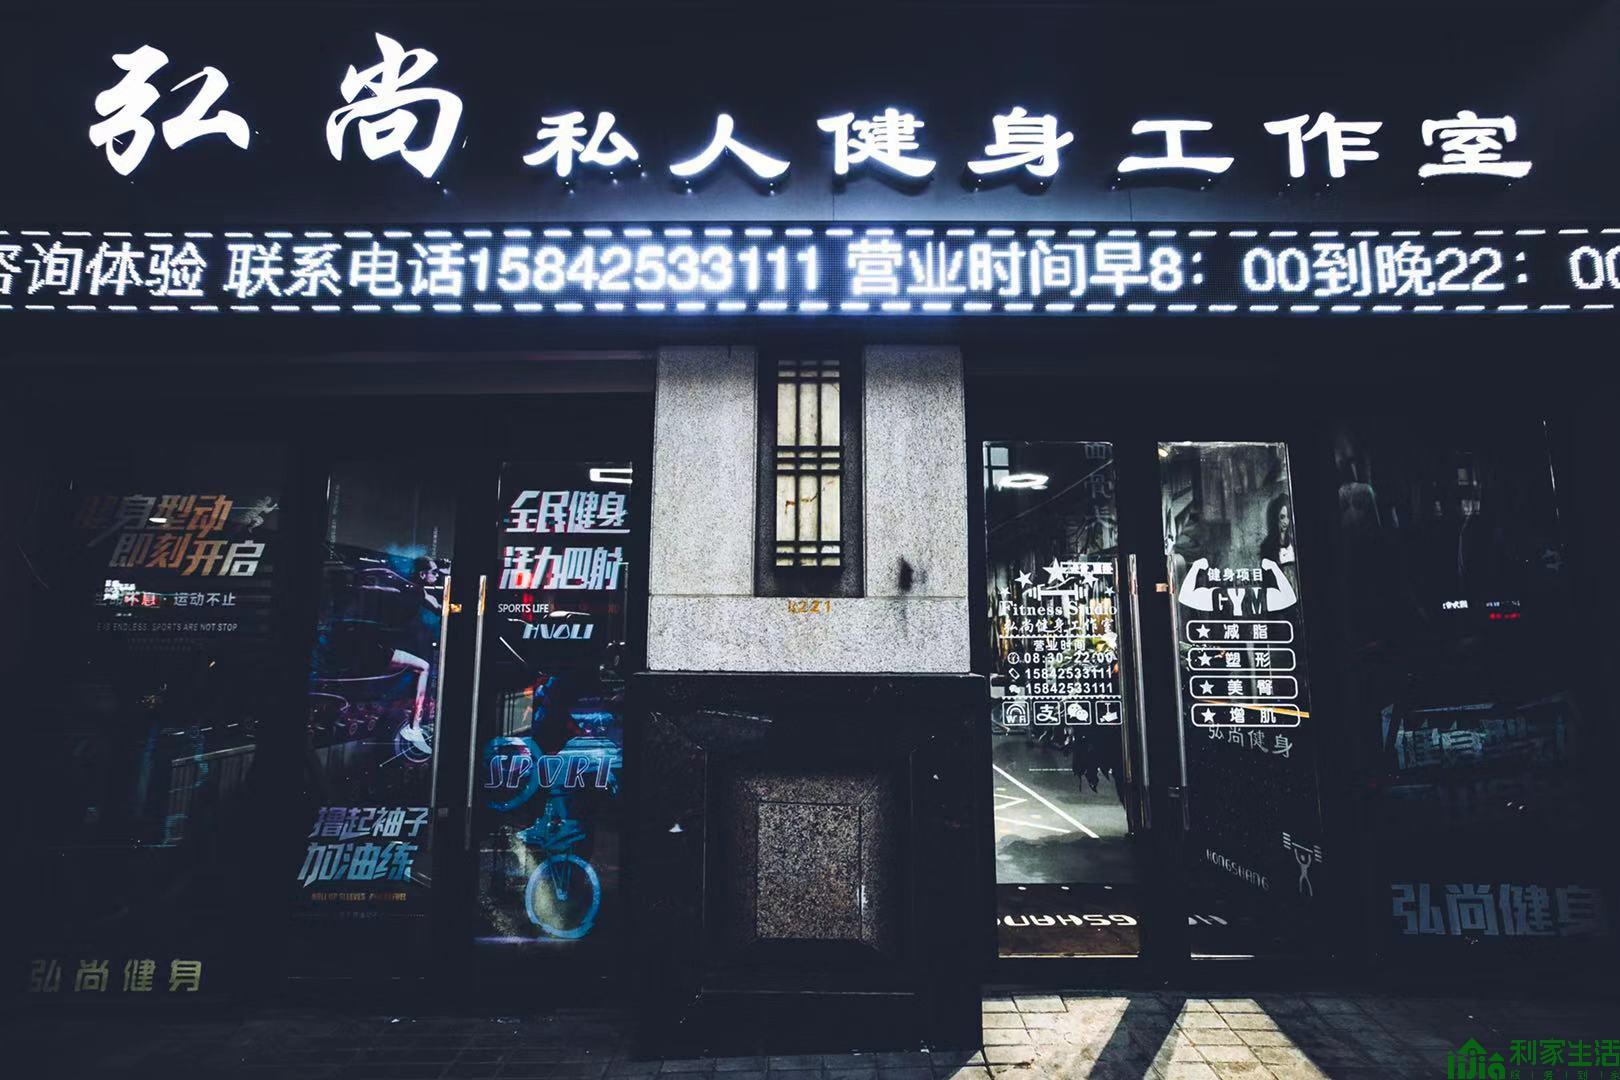 【万达商圈】丹东市振兴区弘尚健身工作室:弘尚私人健身工作室